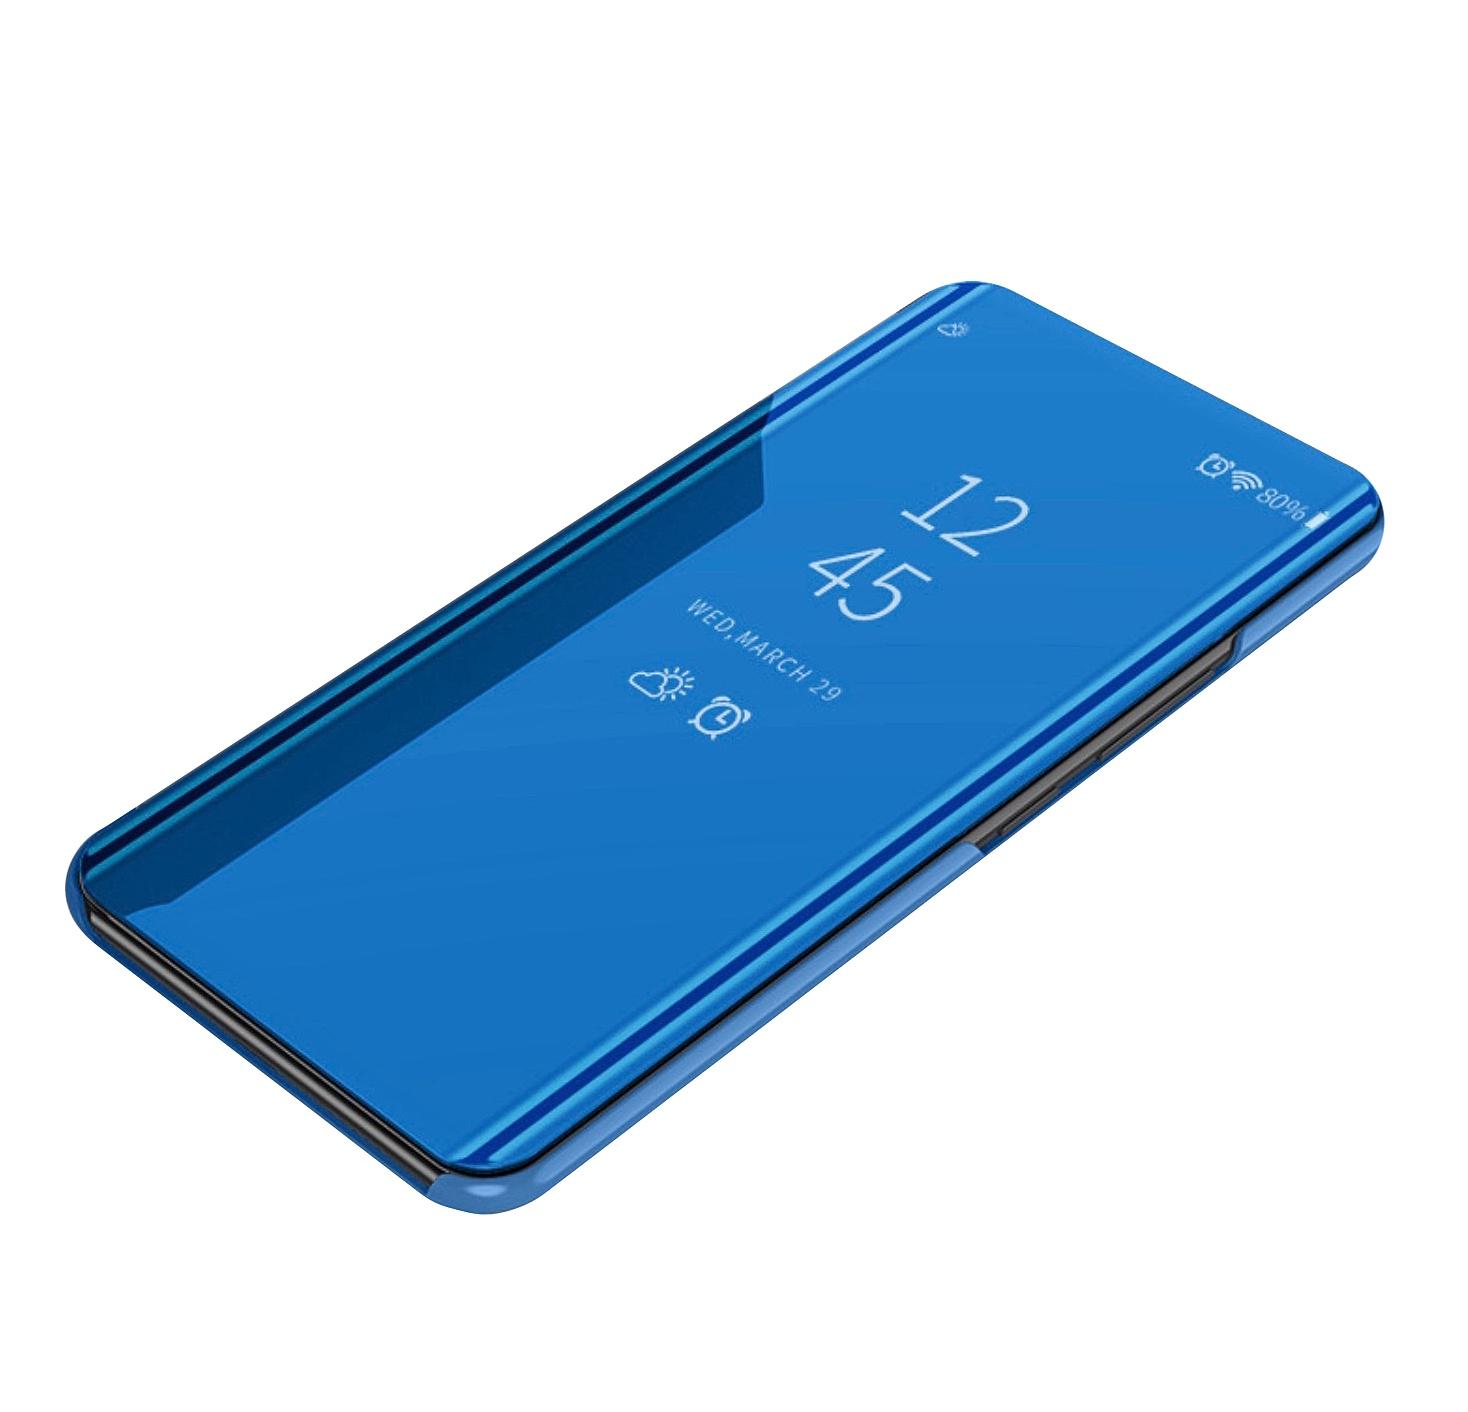 Чехол-книжка MyPads для Vivo NEX / Vivo Nex S 8/256GB умный активный с функцией включения и блокировки экрана полупрозрачный с зеркальной поверхностью синий